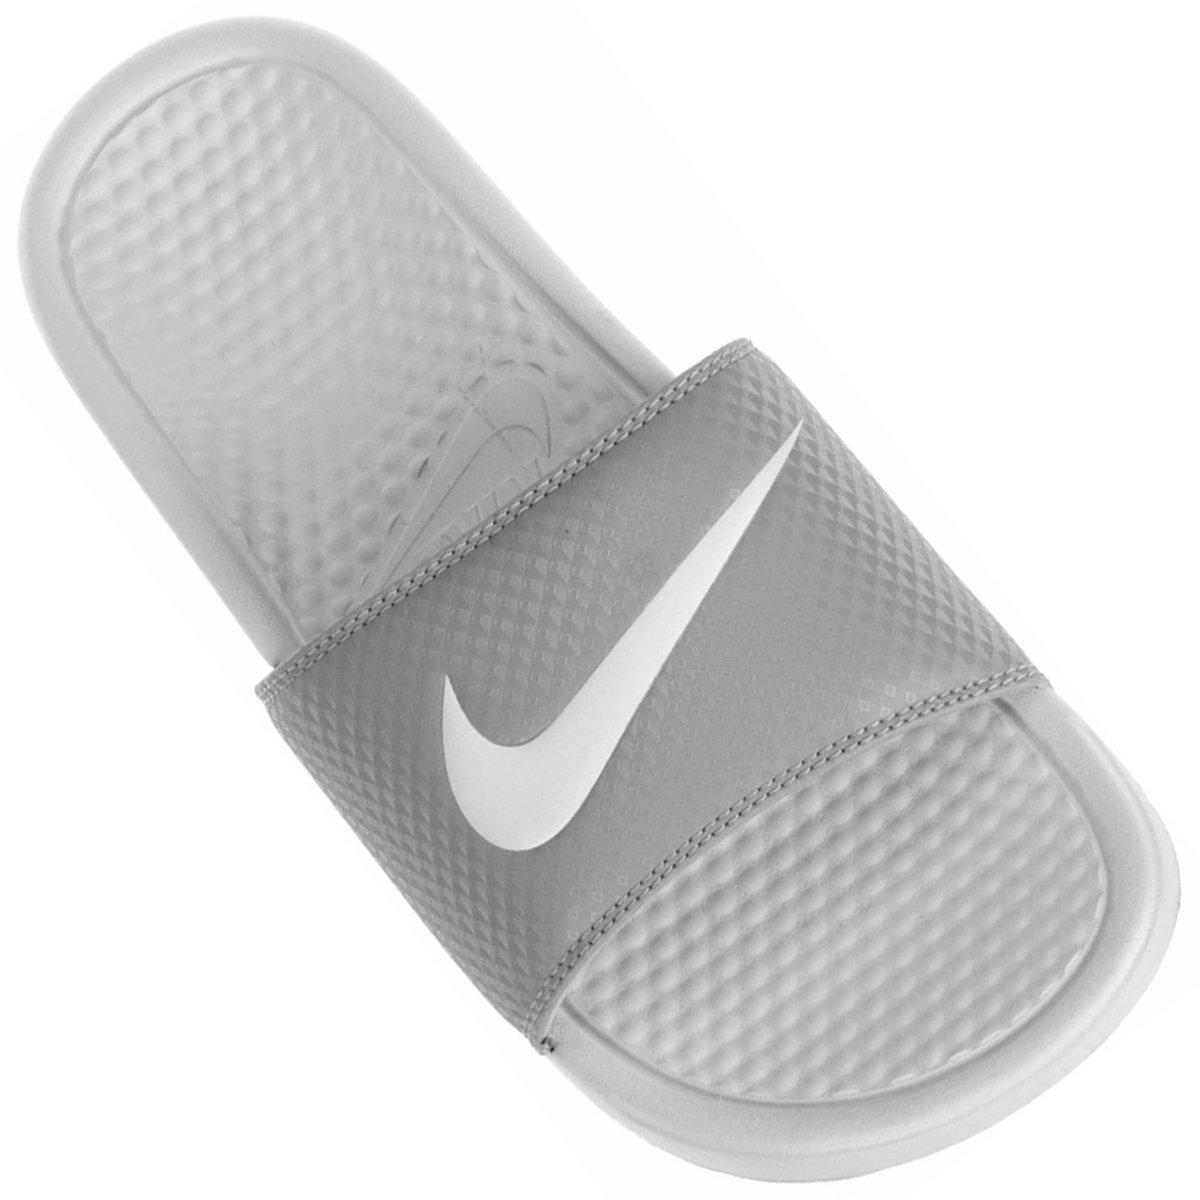 155a861b3a Sandália Nike Benassi Swoosh - Compre Agora